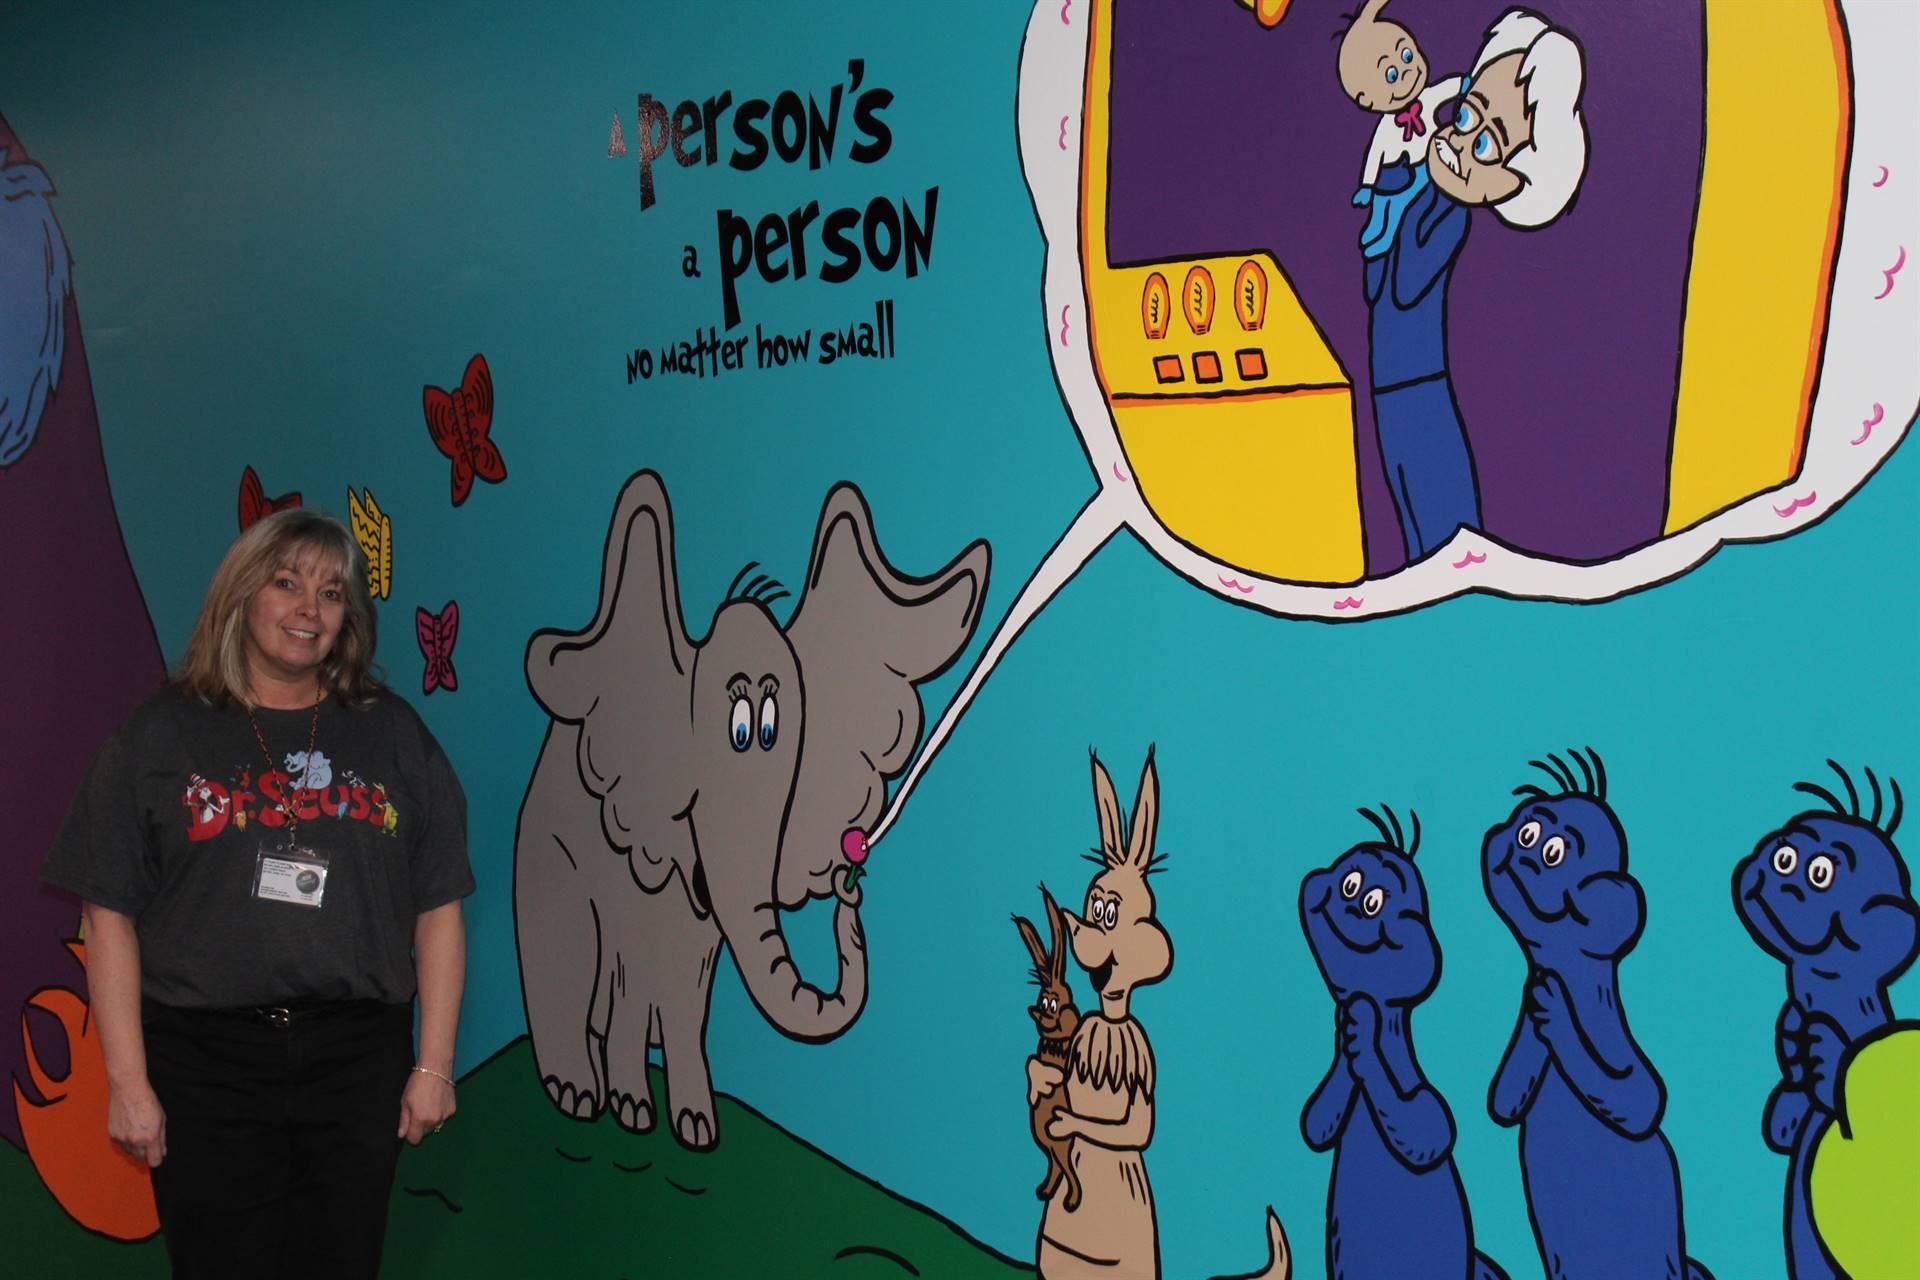 Mrs. Eckert-Graffam by the wall